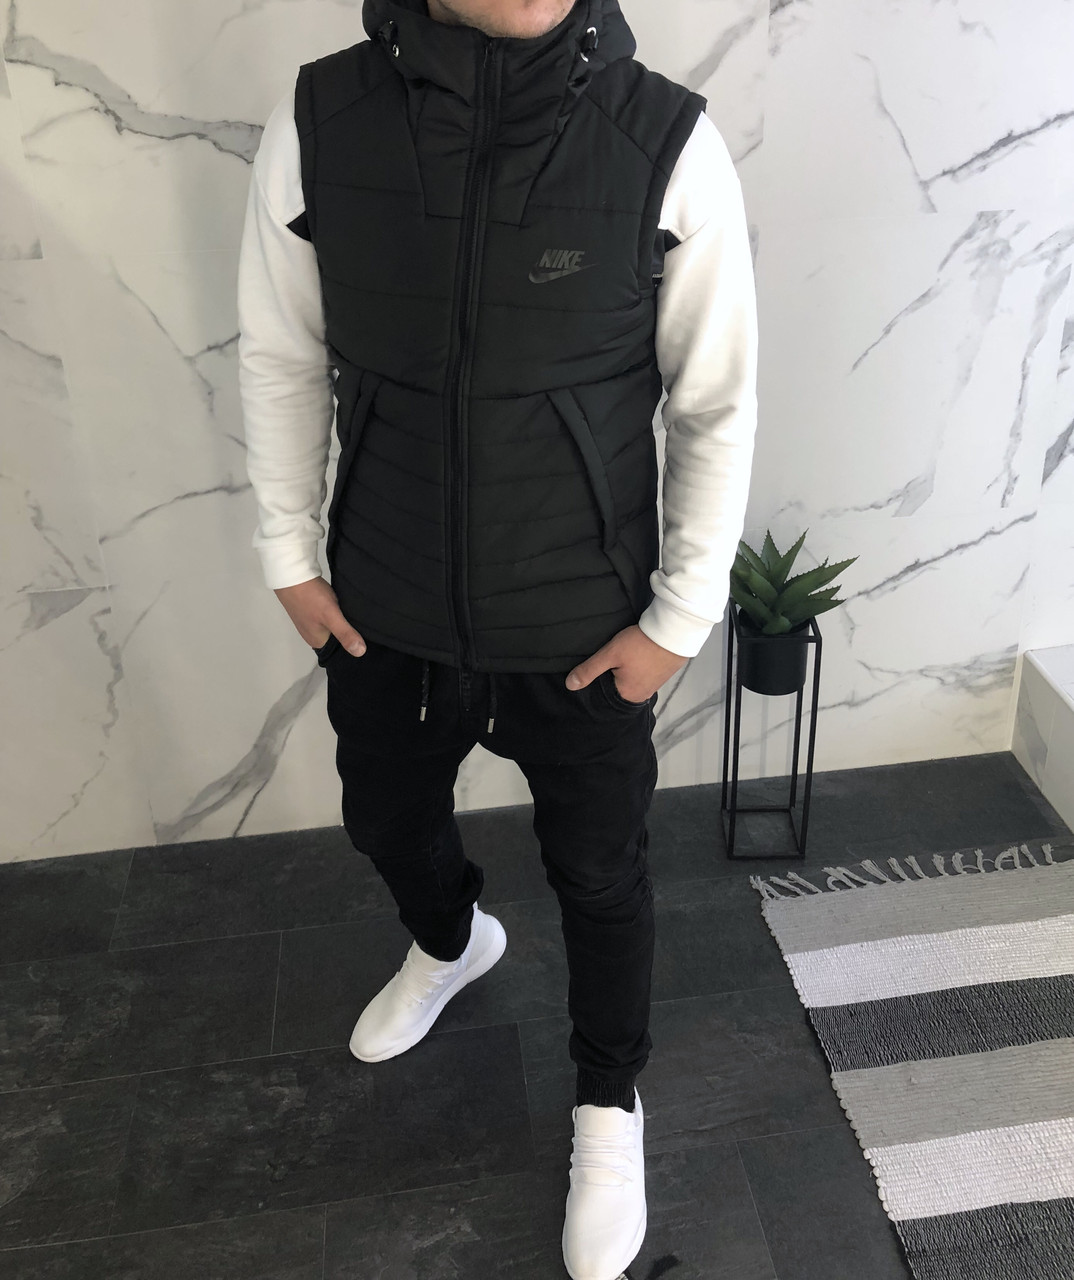 9d009ee2 Мужская жилетка Nike чёрная - Поставщик брендовой мужской одежды в Харькове